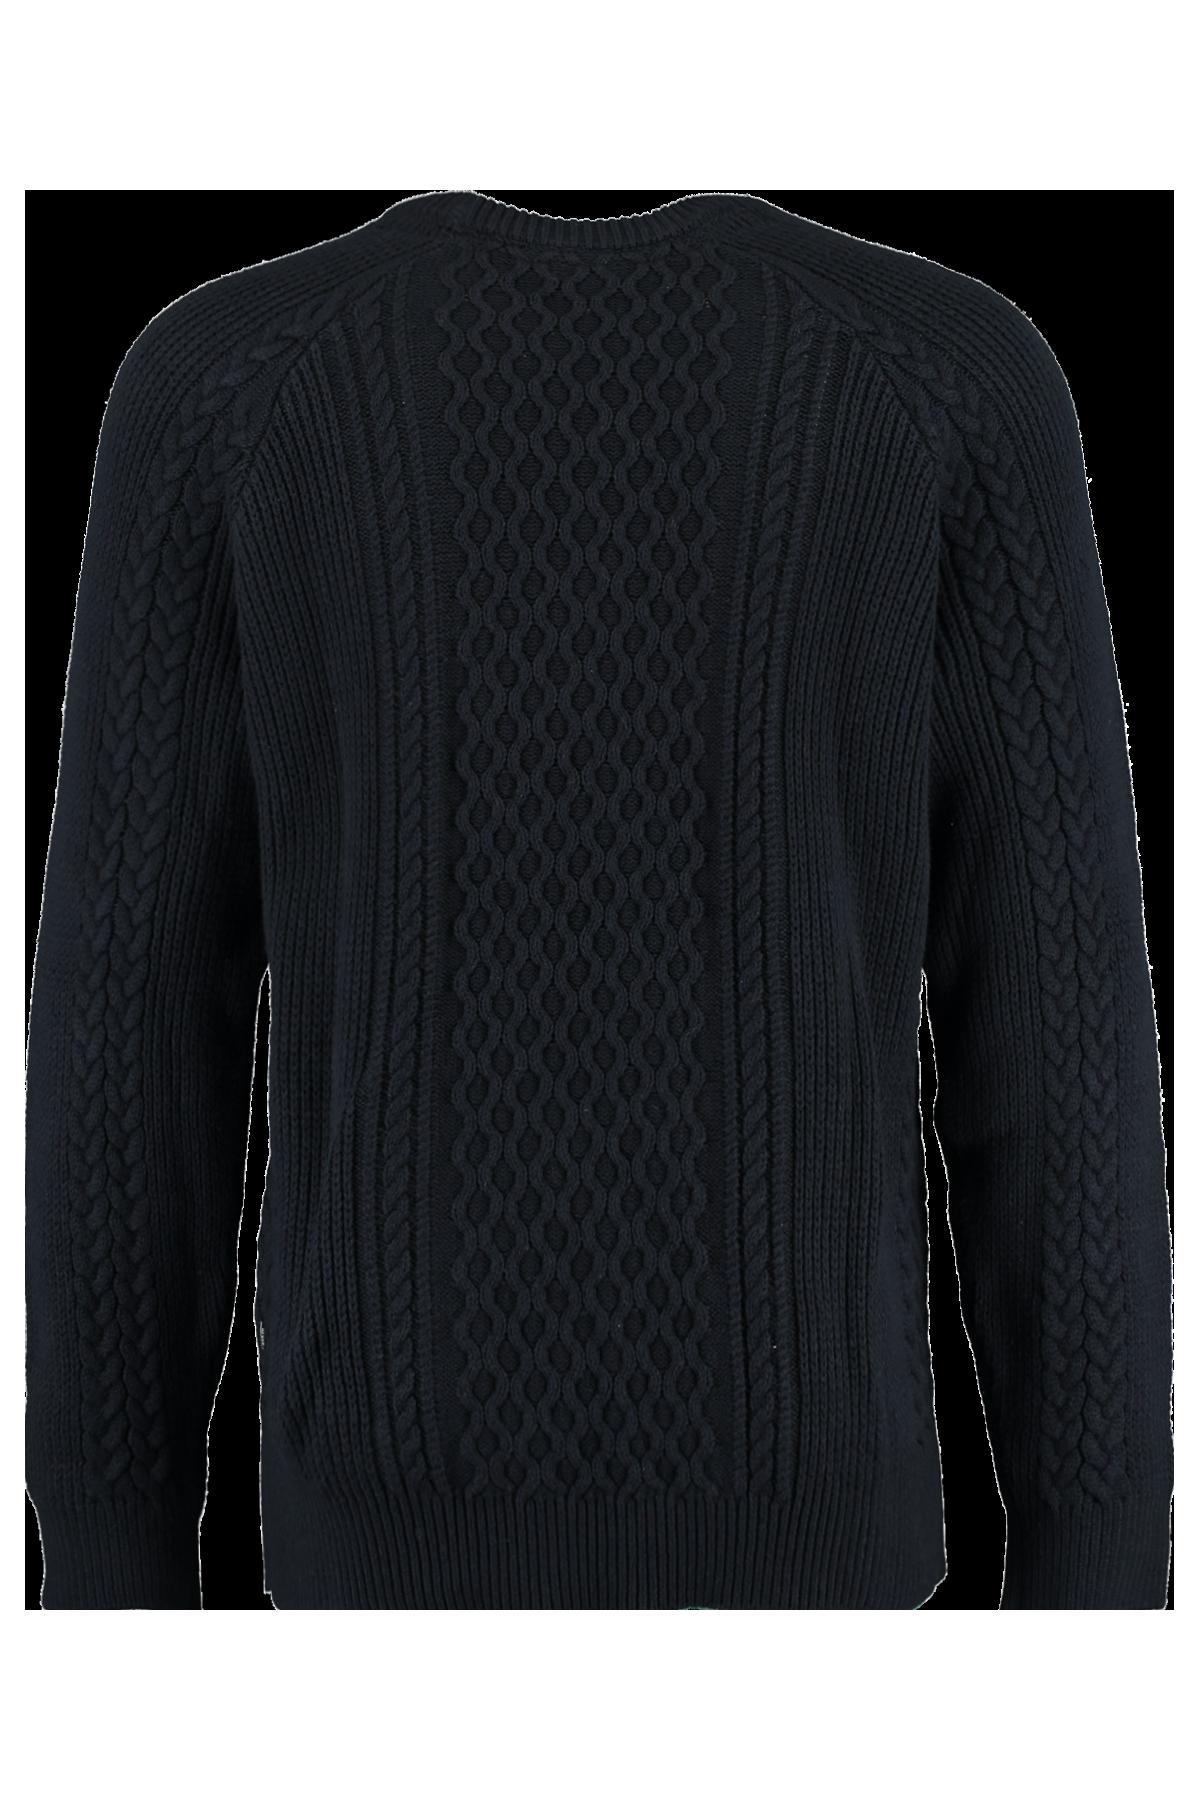 Pullover Kabel